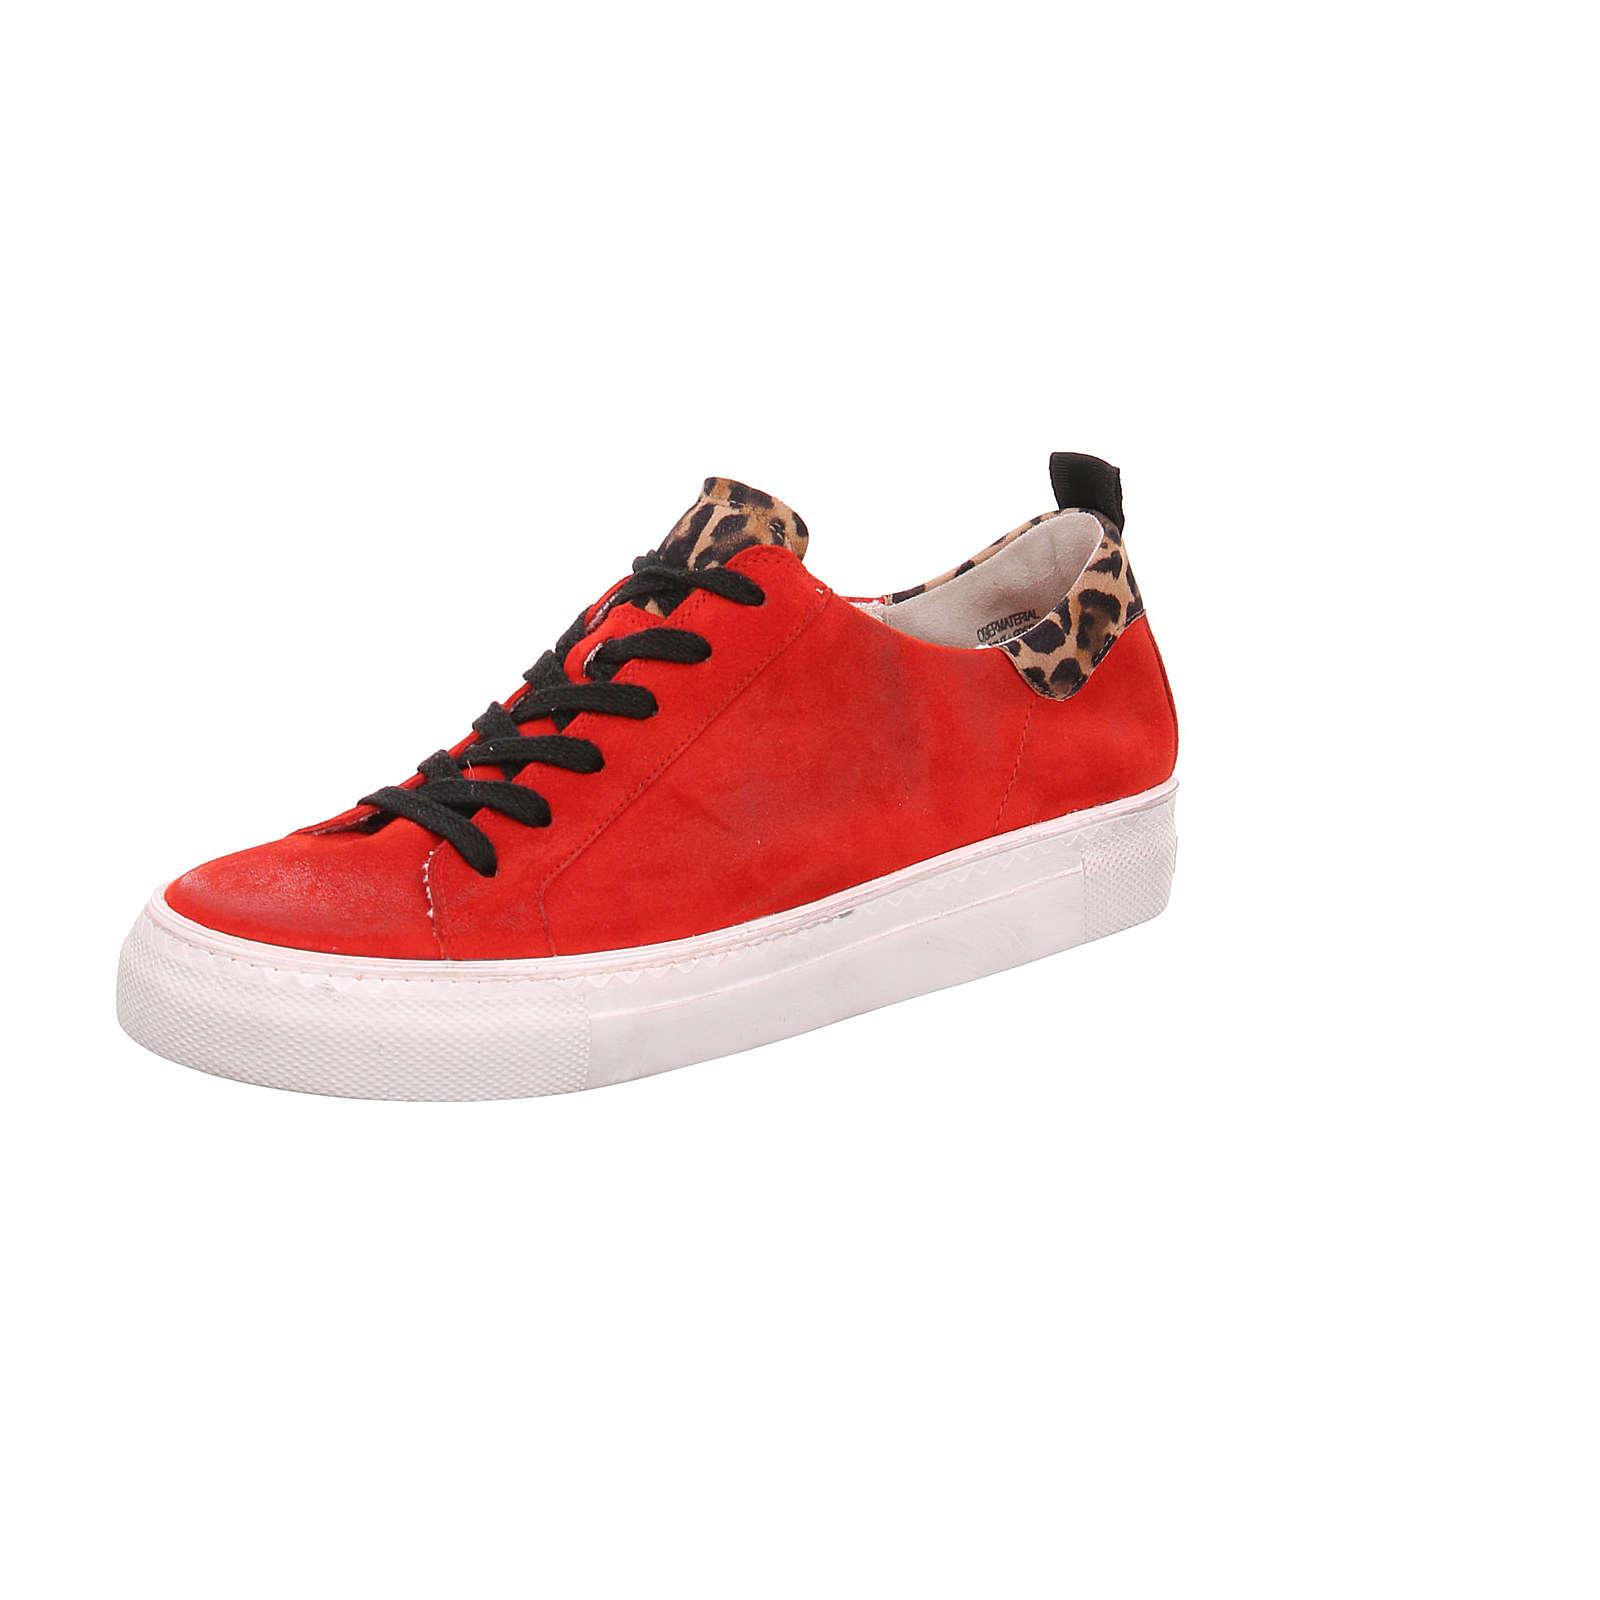 Paul Green Sneaker Sneakers Low rot Damen Gr. 40